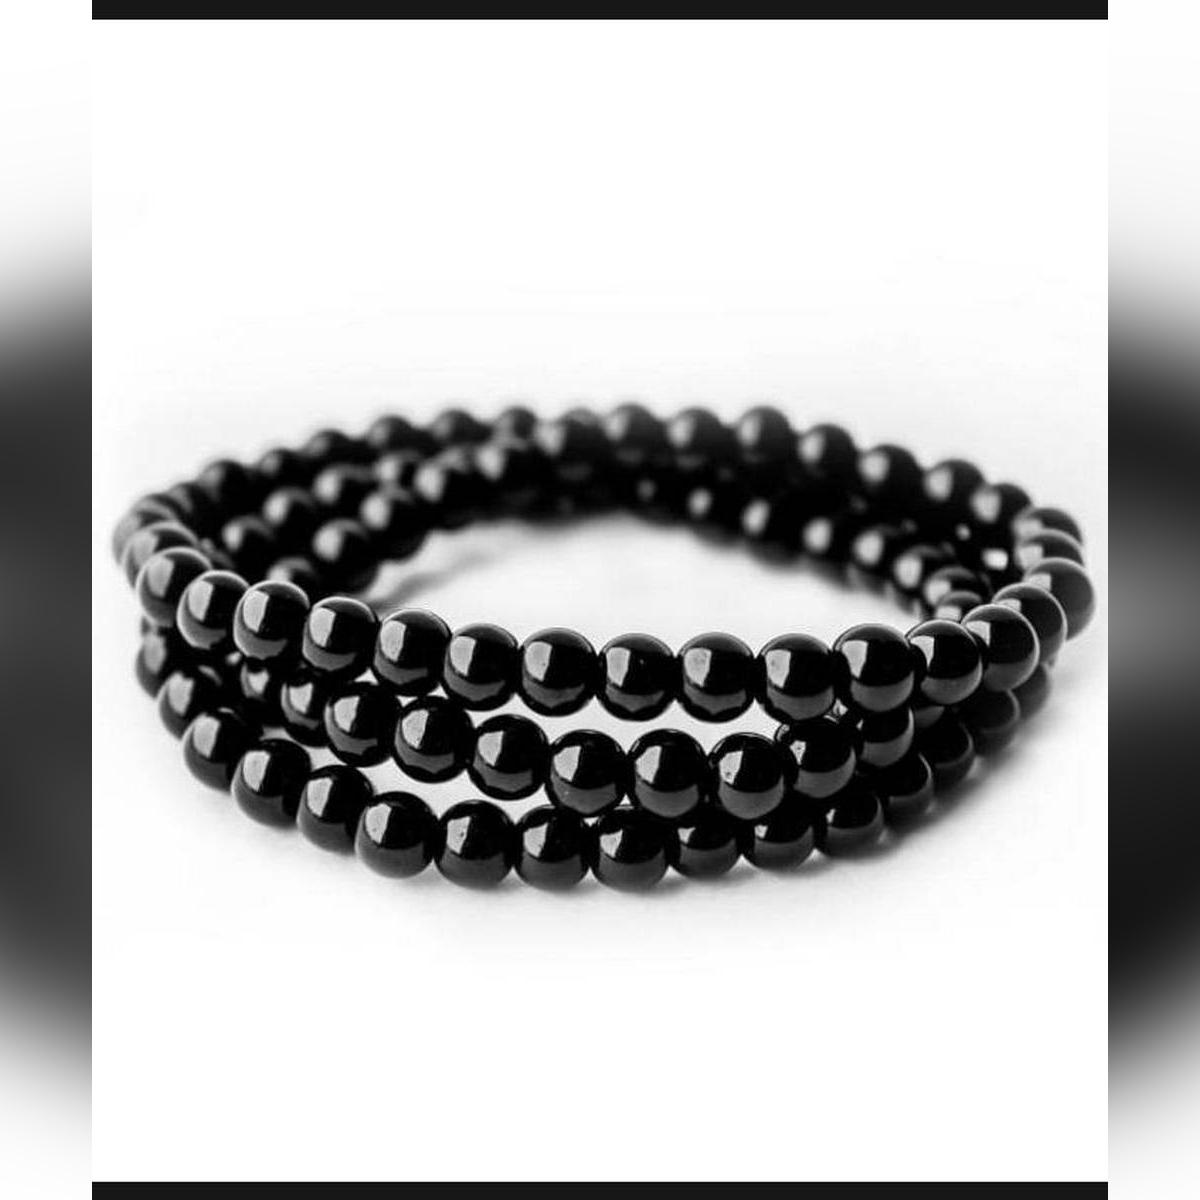 Black Bead Bracelet For Men & Women - Black